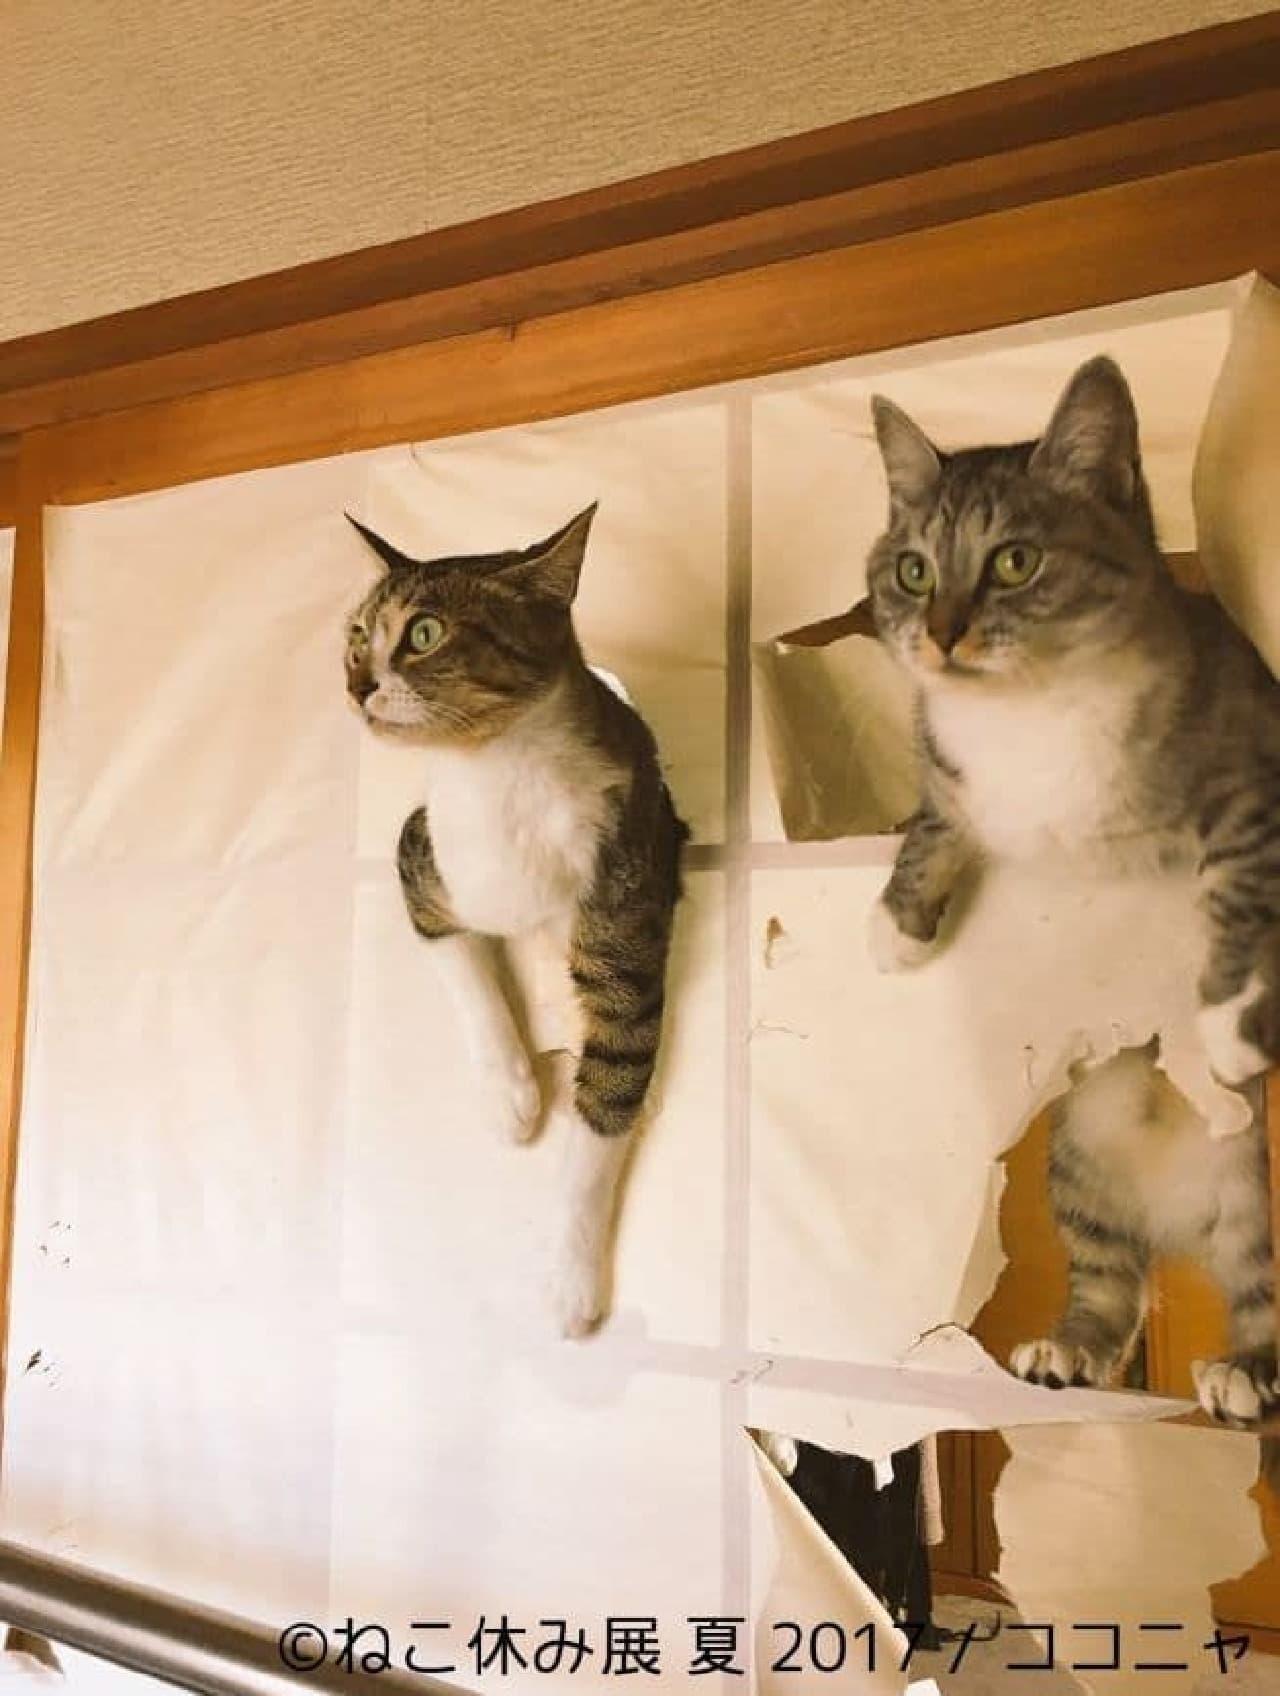 ココニャさん障子を自由自在にクライミングする猫